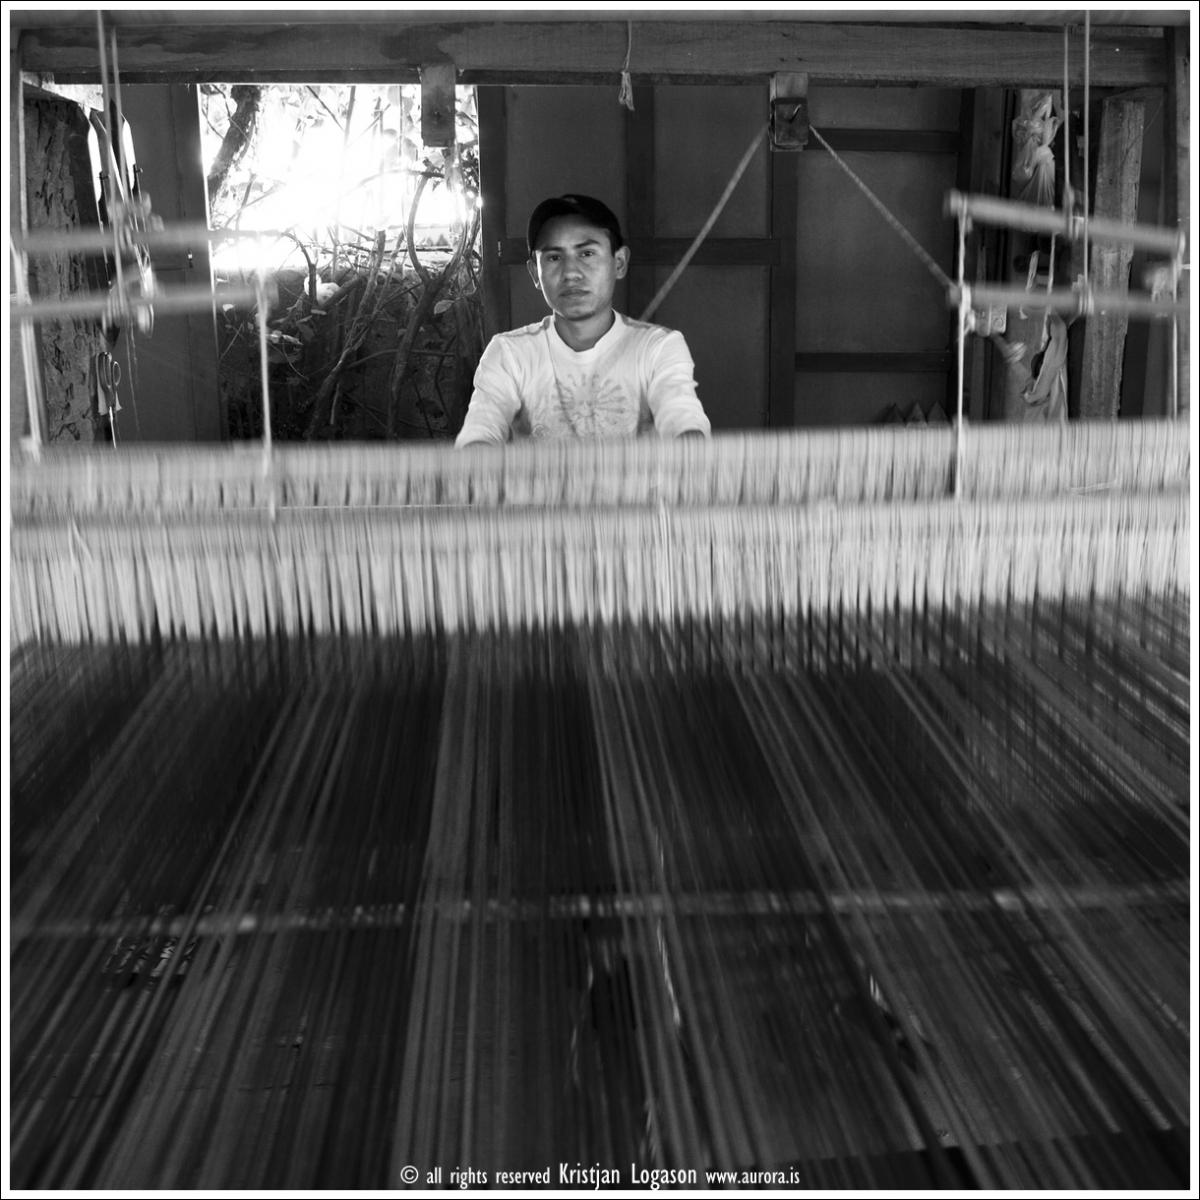 Man Weaving fabric in Ataco on Ruta de flores in the Sonsonate district of El Salvador